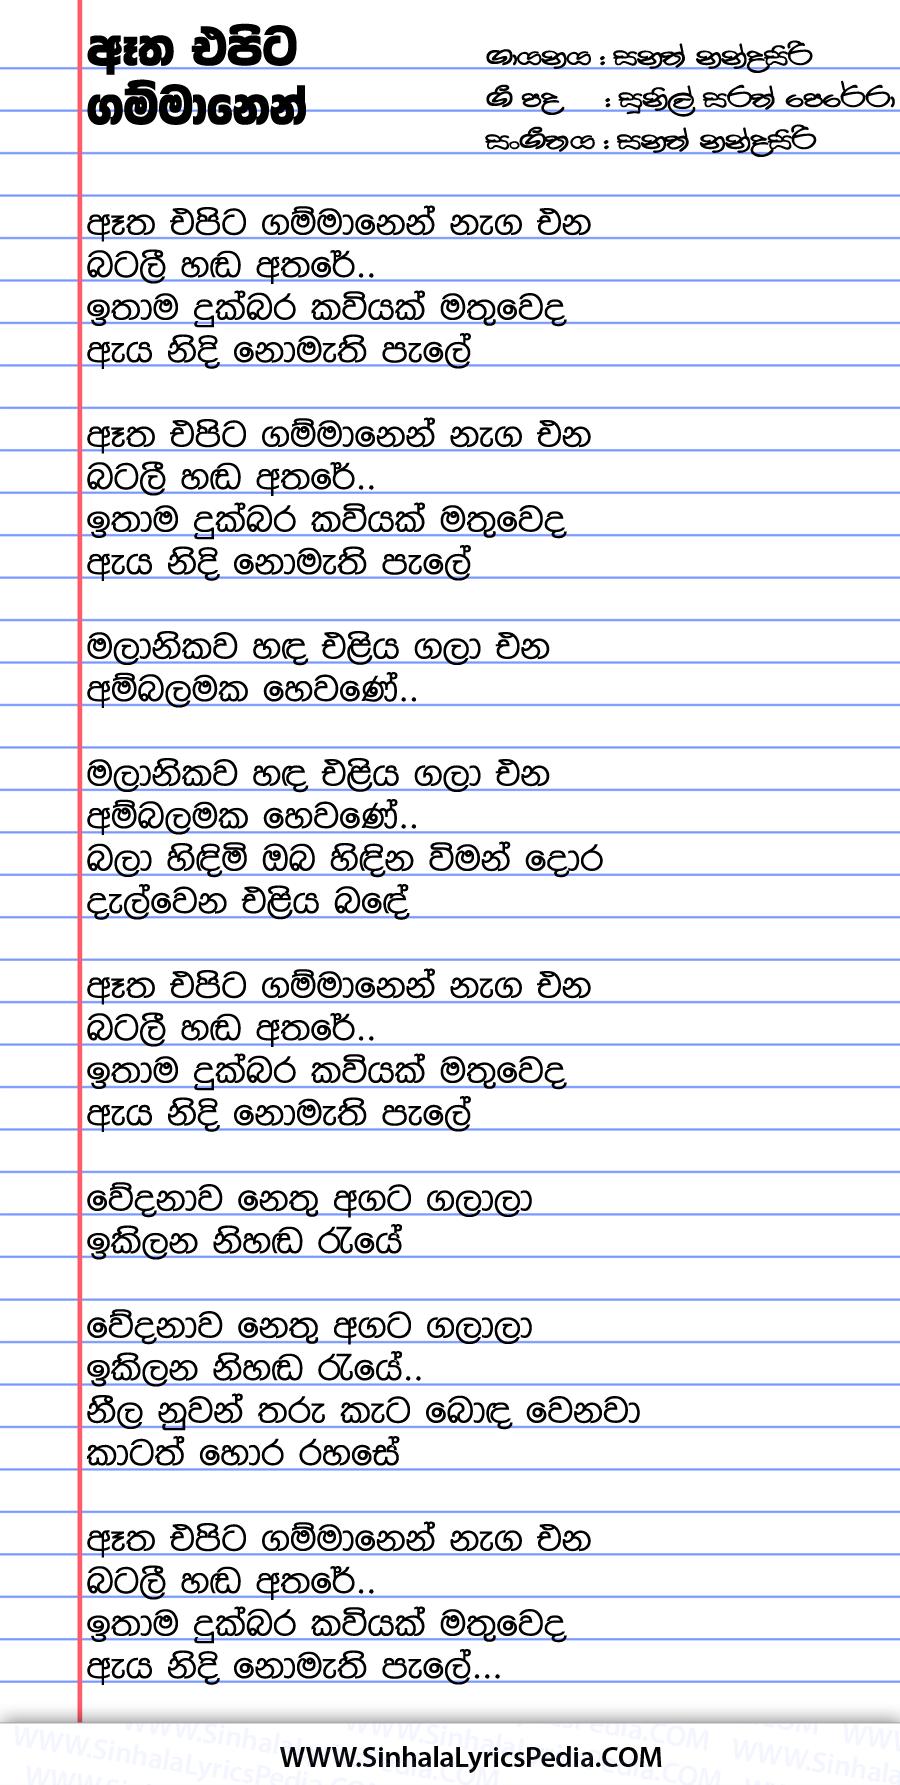 Atha Epita Gammanen Naga Ena Song Lyrics